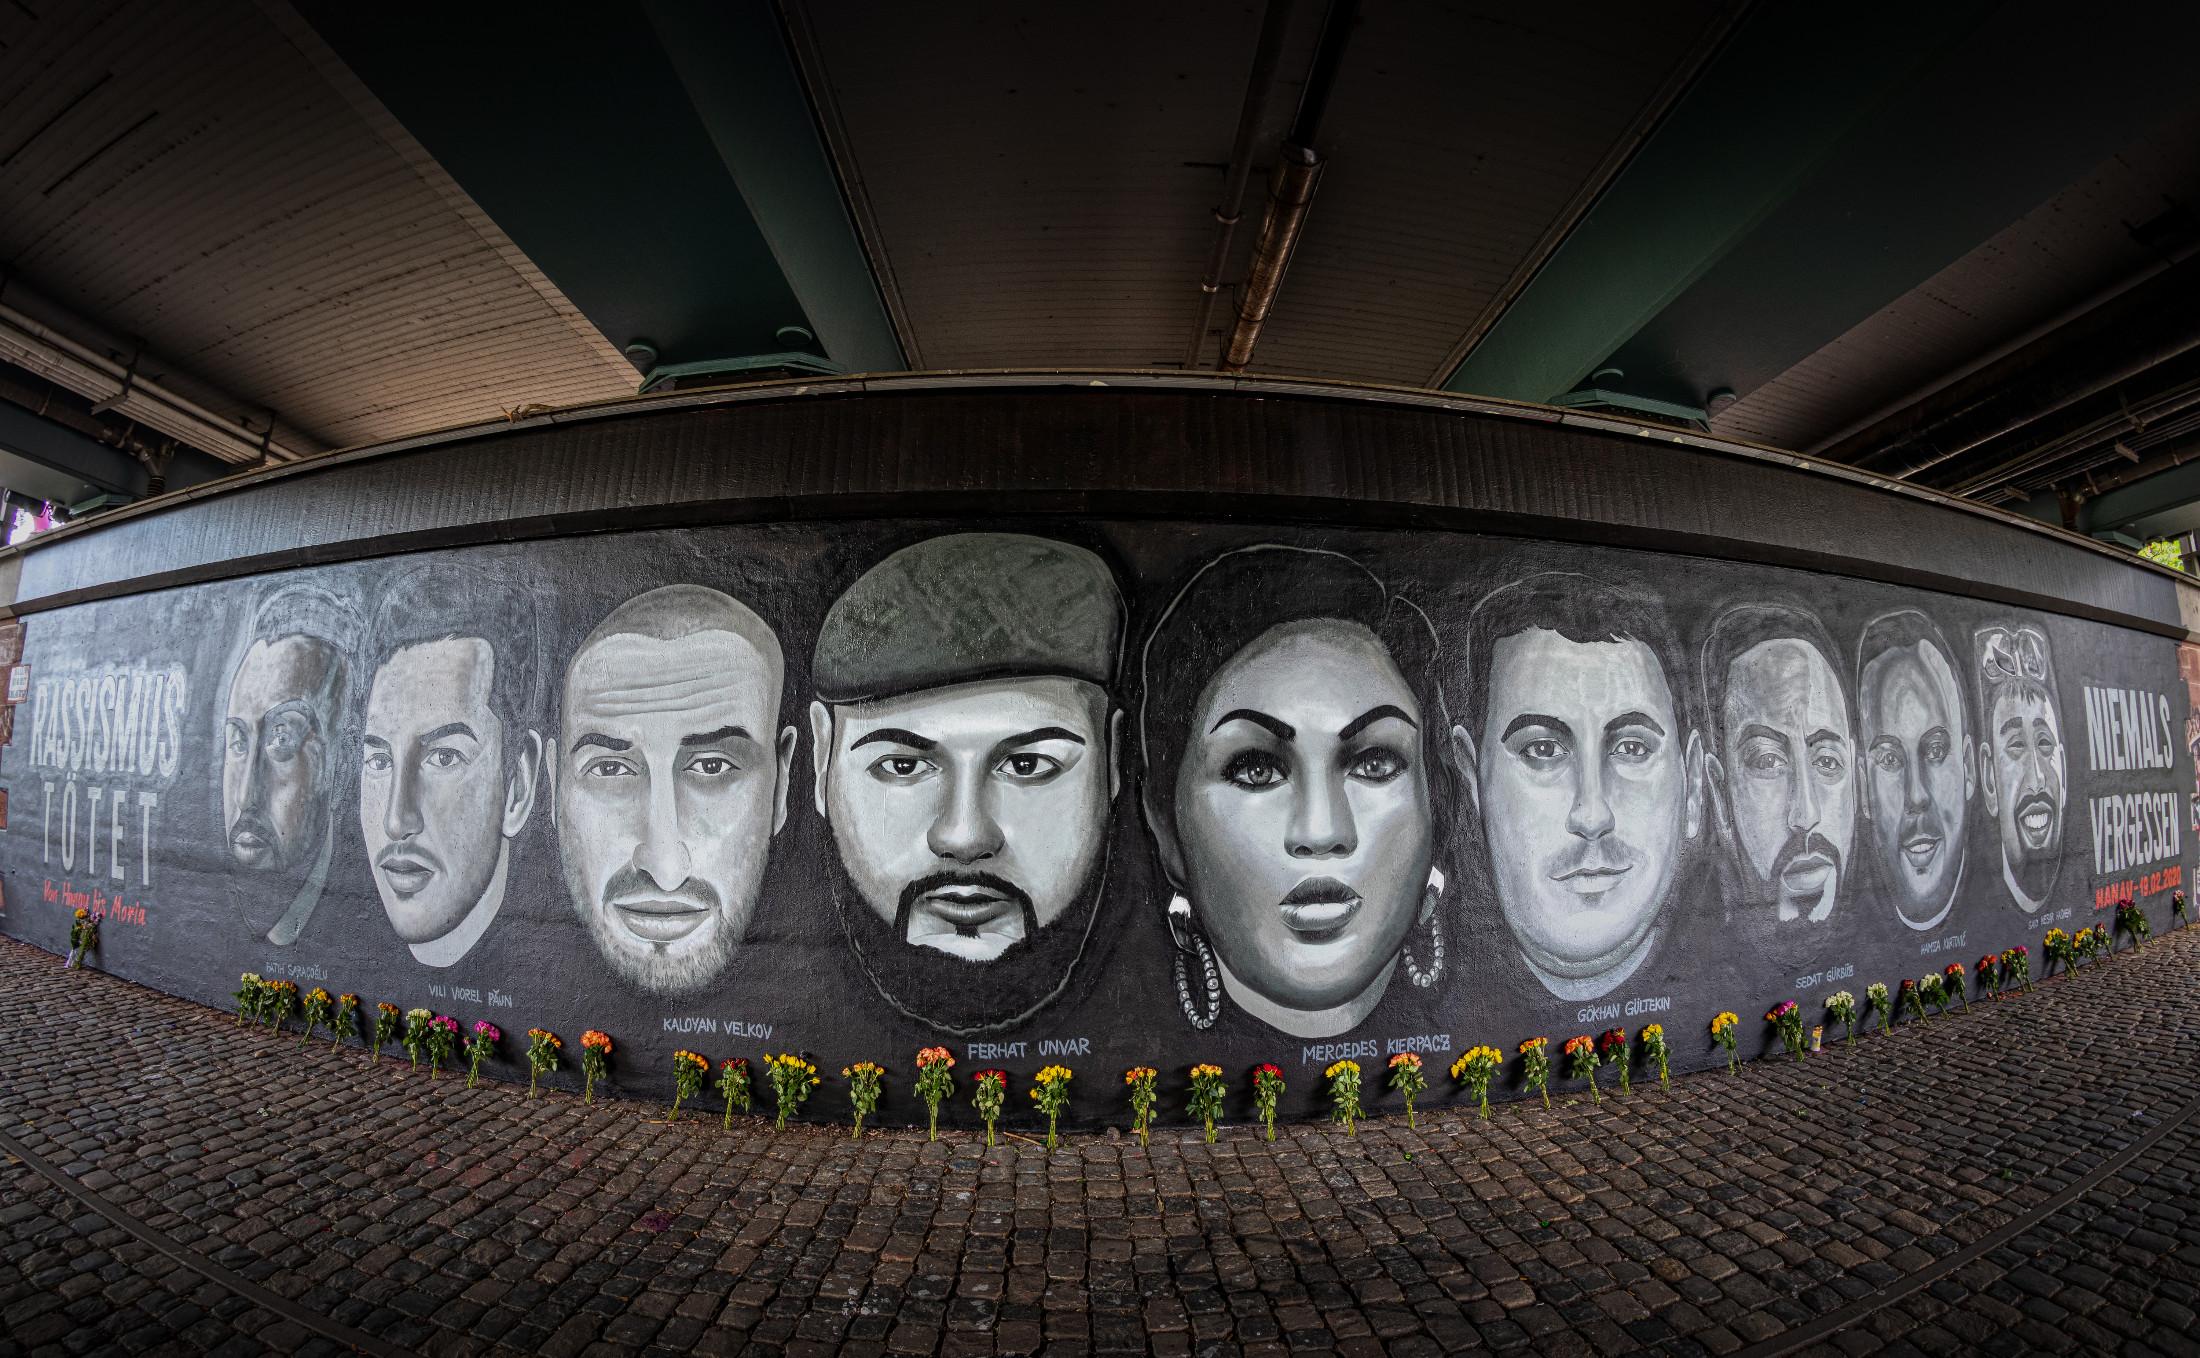 Unter der Friedensbruecke in Frankfurt erinnert ein 27 Meter langes Gedenk-Graffiti an die Opfer des Anschlags in Hanau am 19. Februar 2020.